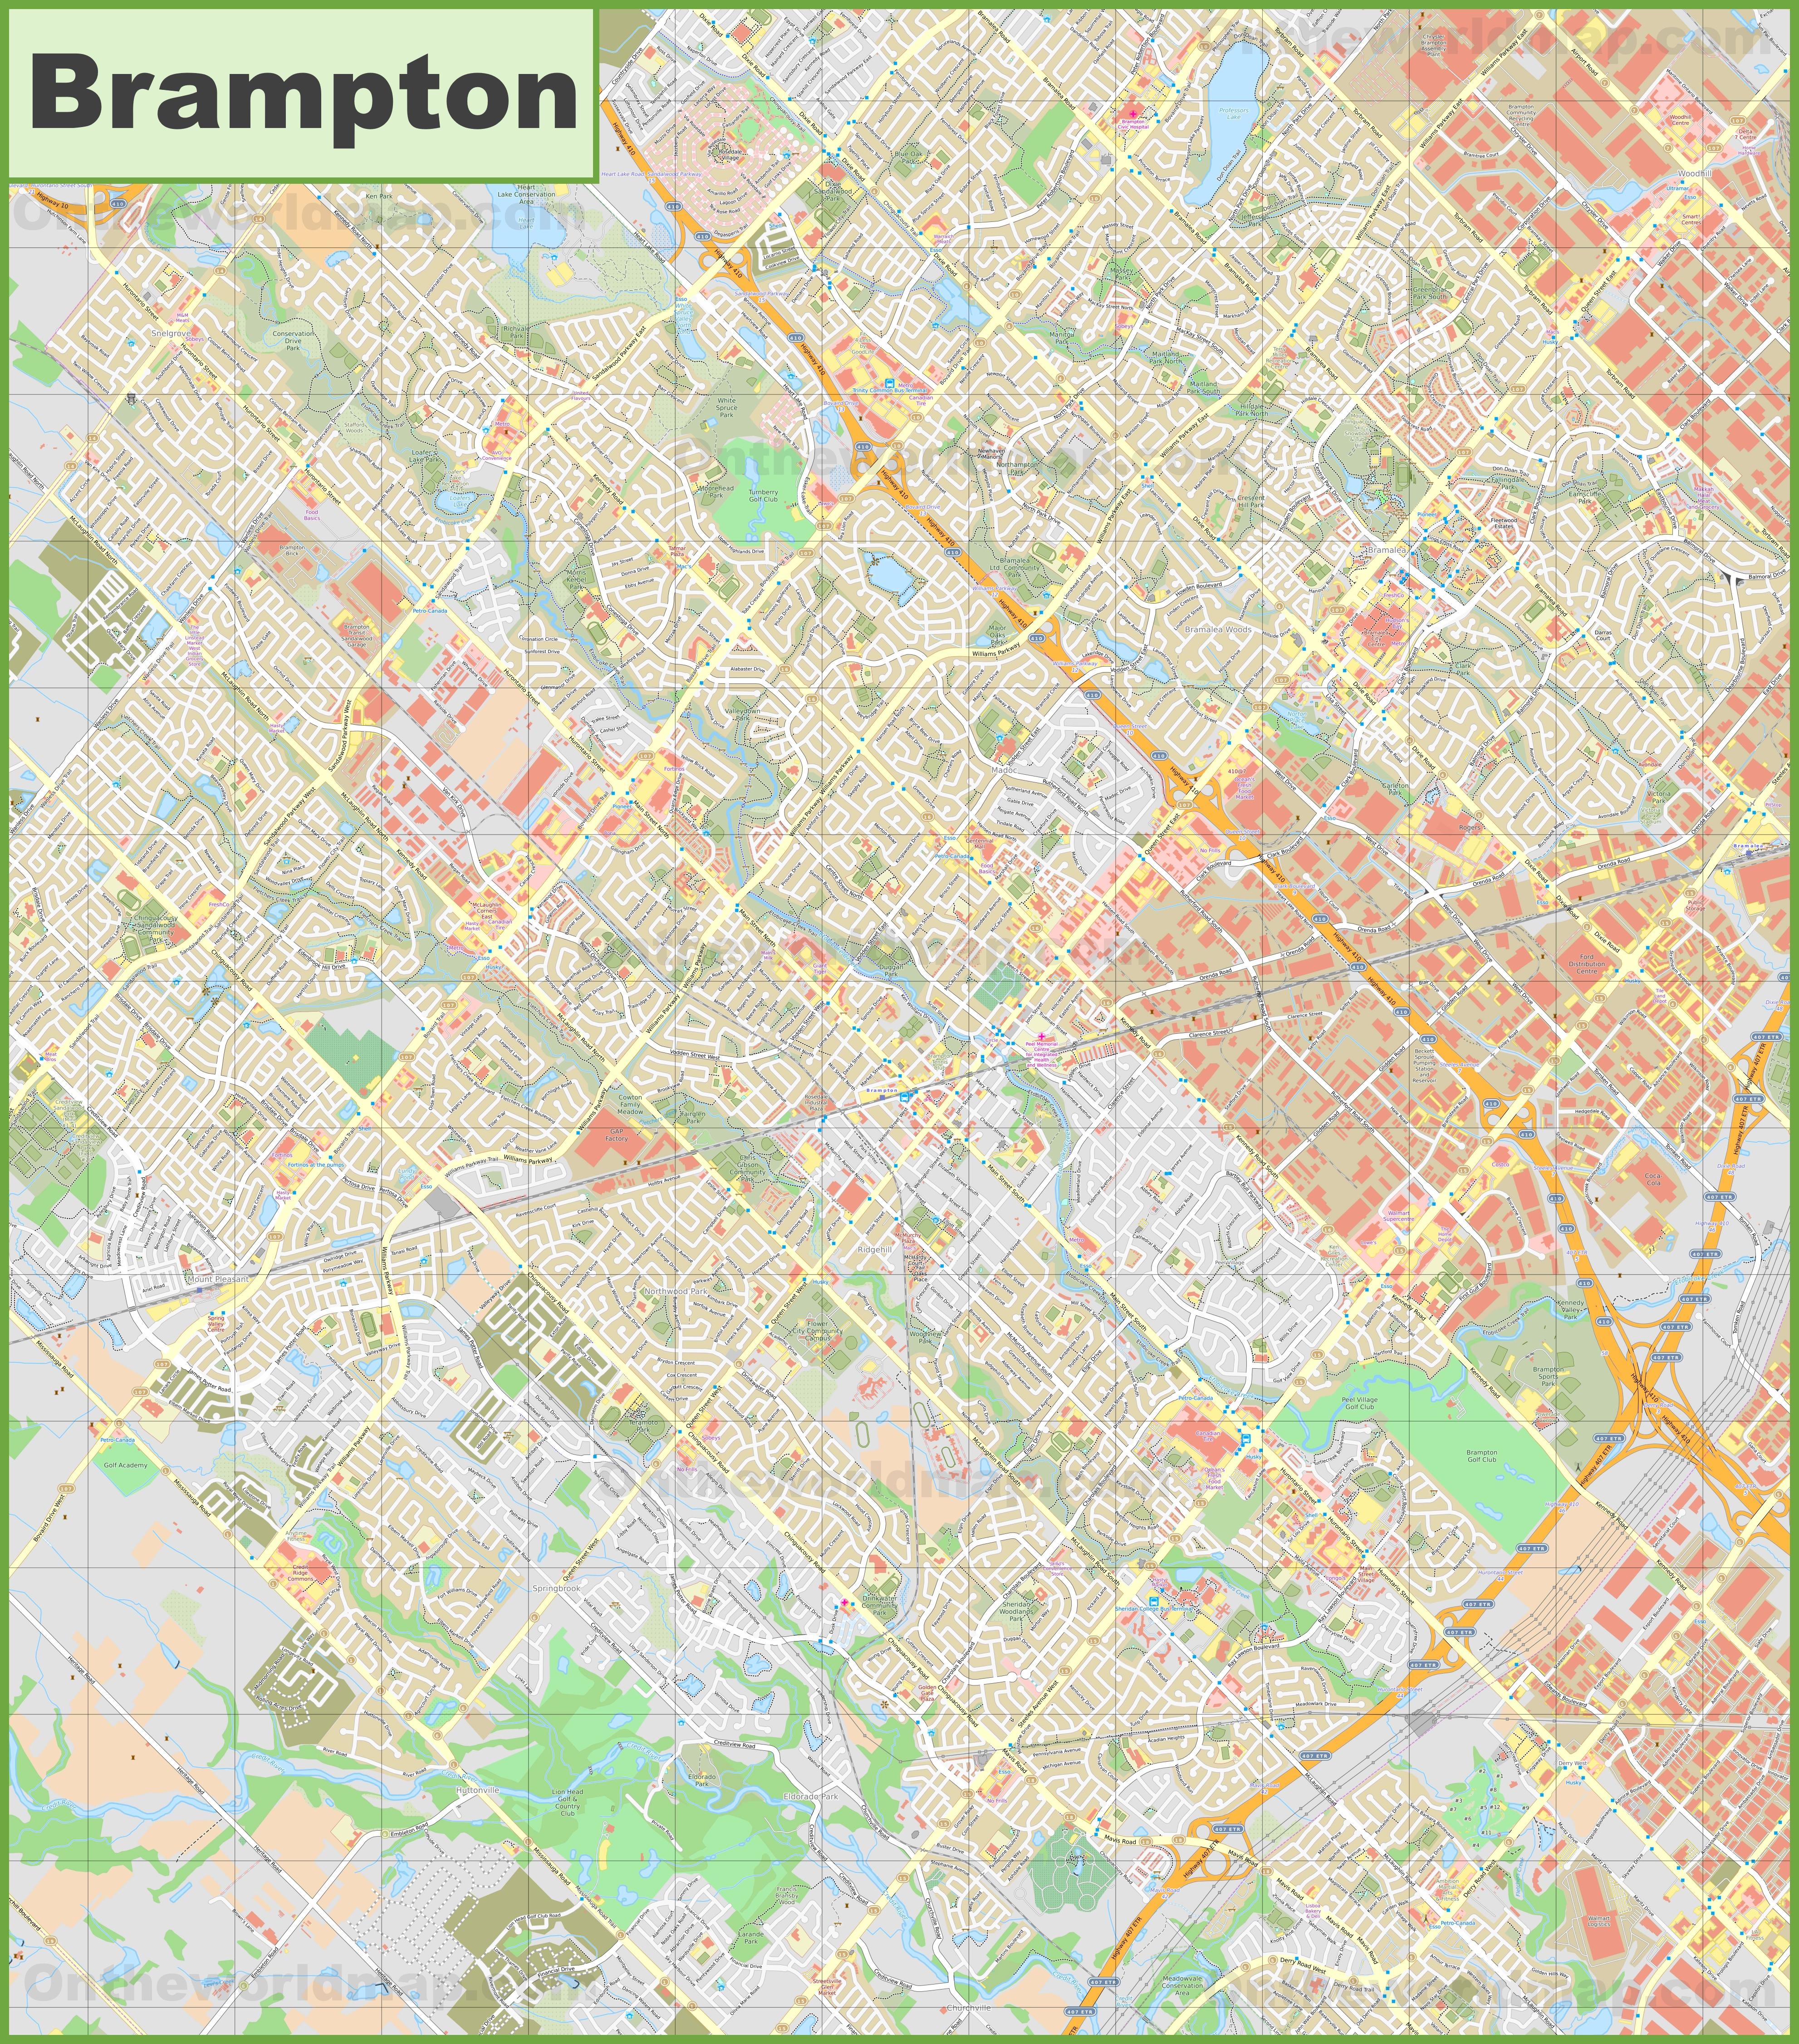 Brampton Canada Map.Large Detailed Map Of Brampton